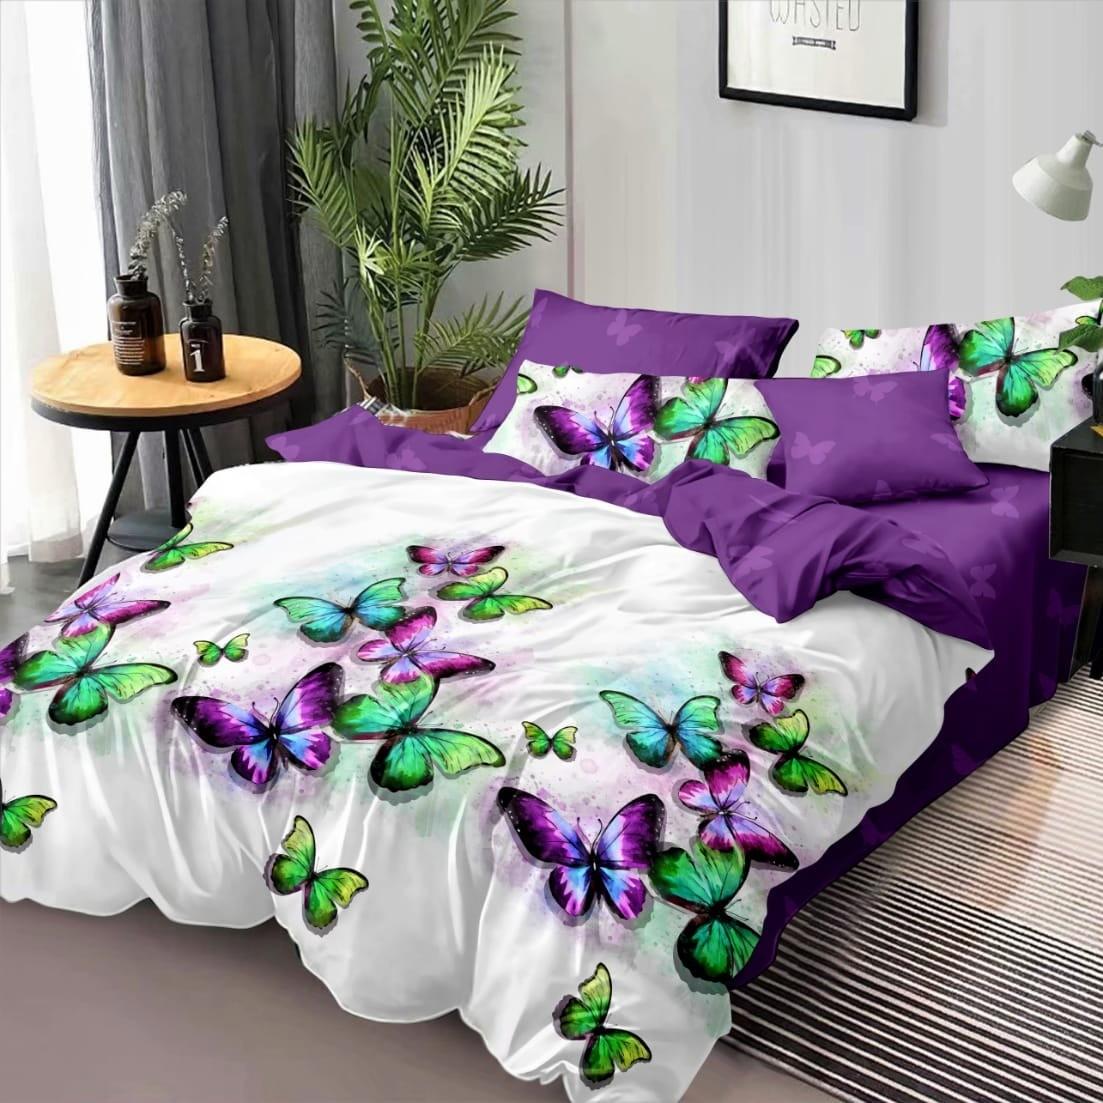 lenjerie alb violet cu fluturi colorati